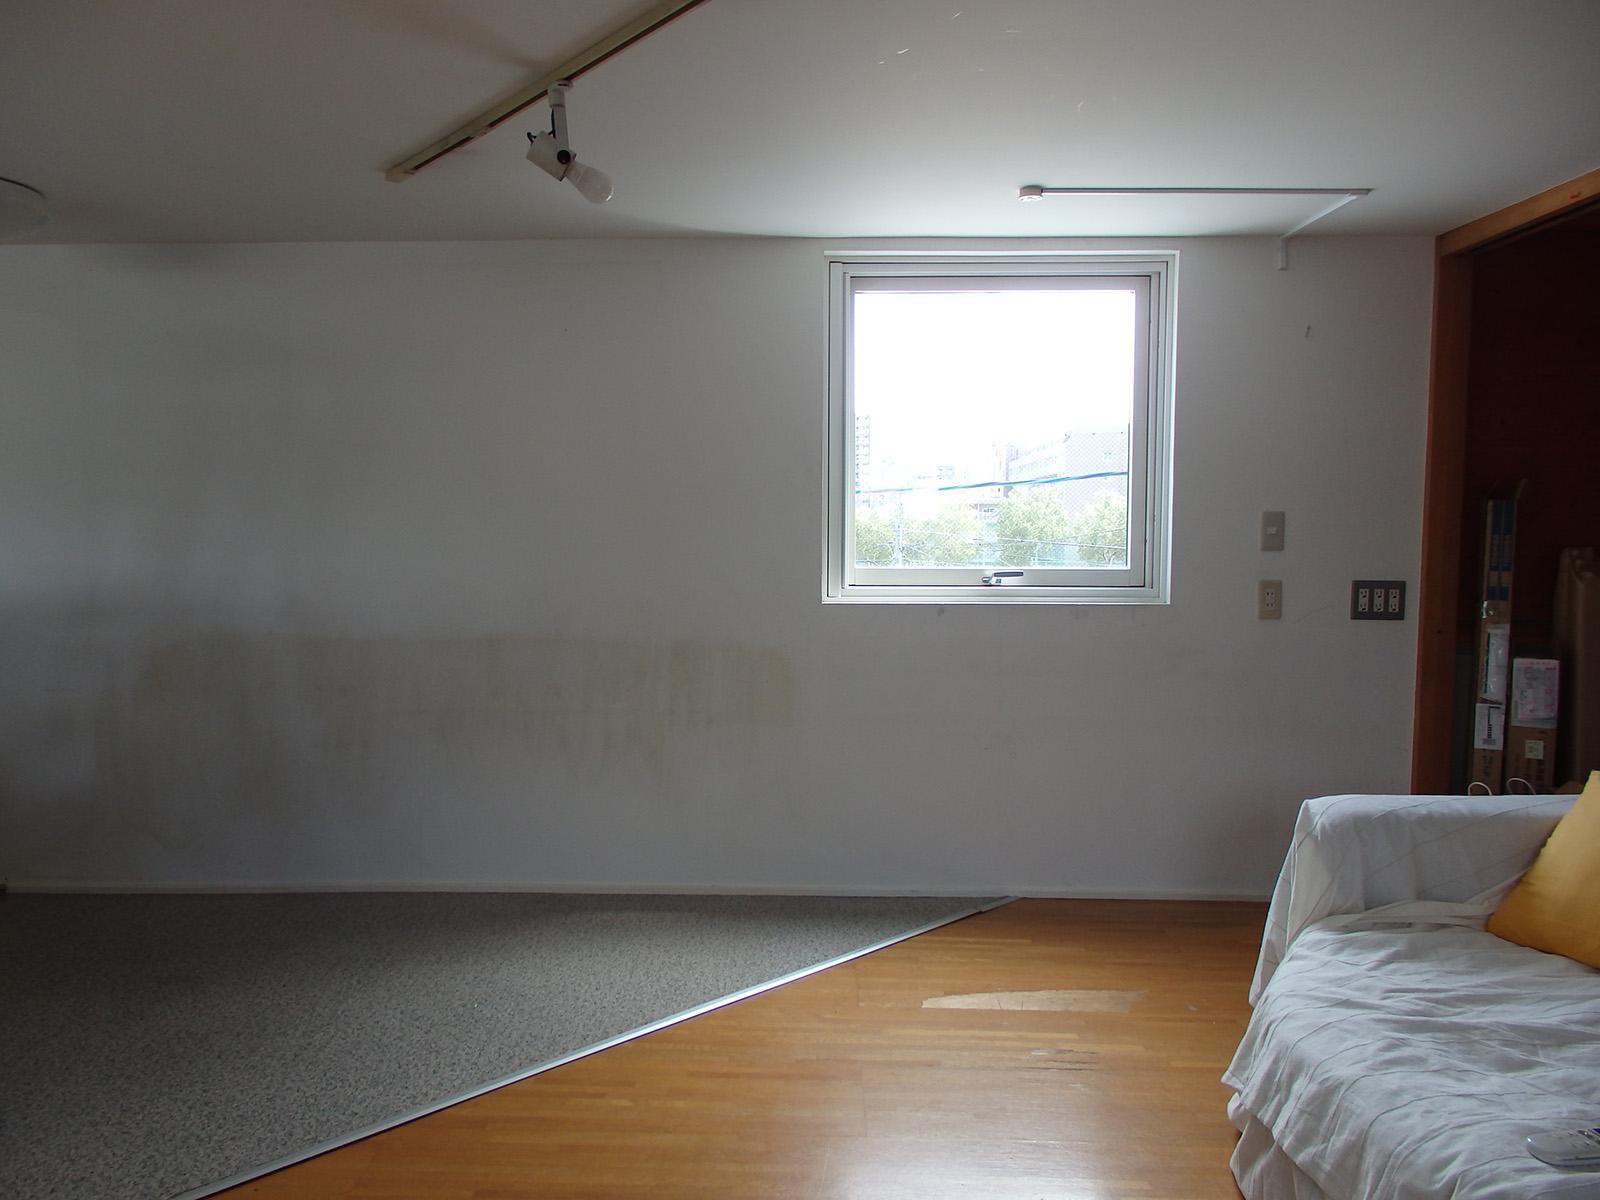 DIY前はこんな感じ。白塗装の壁の一部がカビや工事の跡などで汚れた状態だった